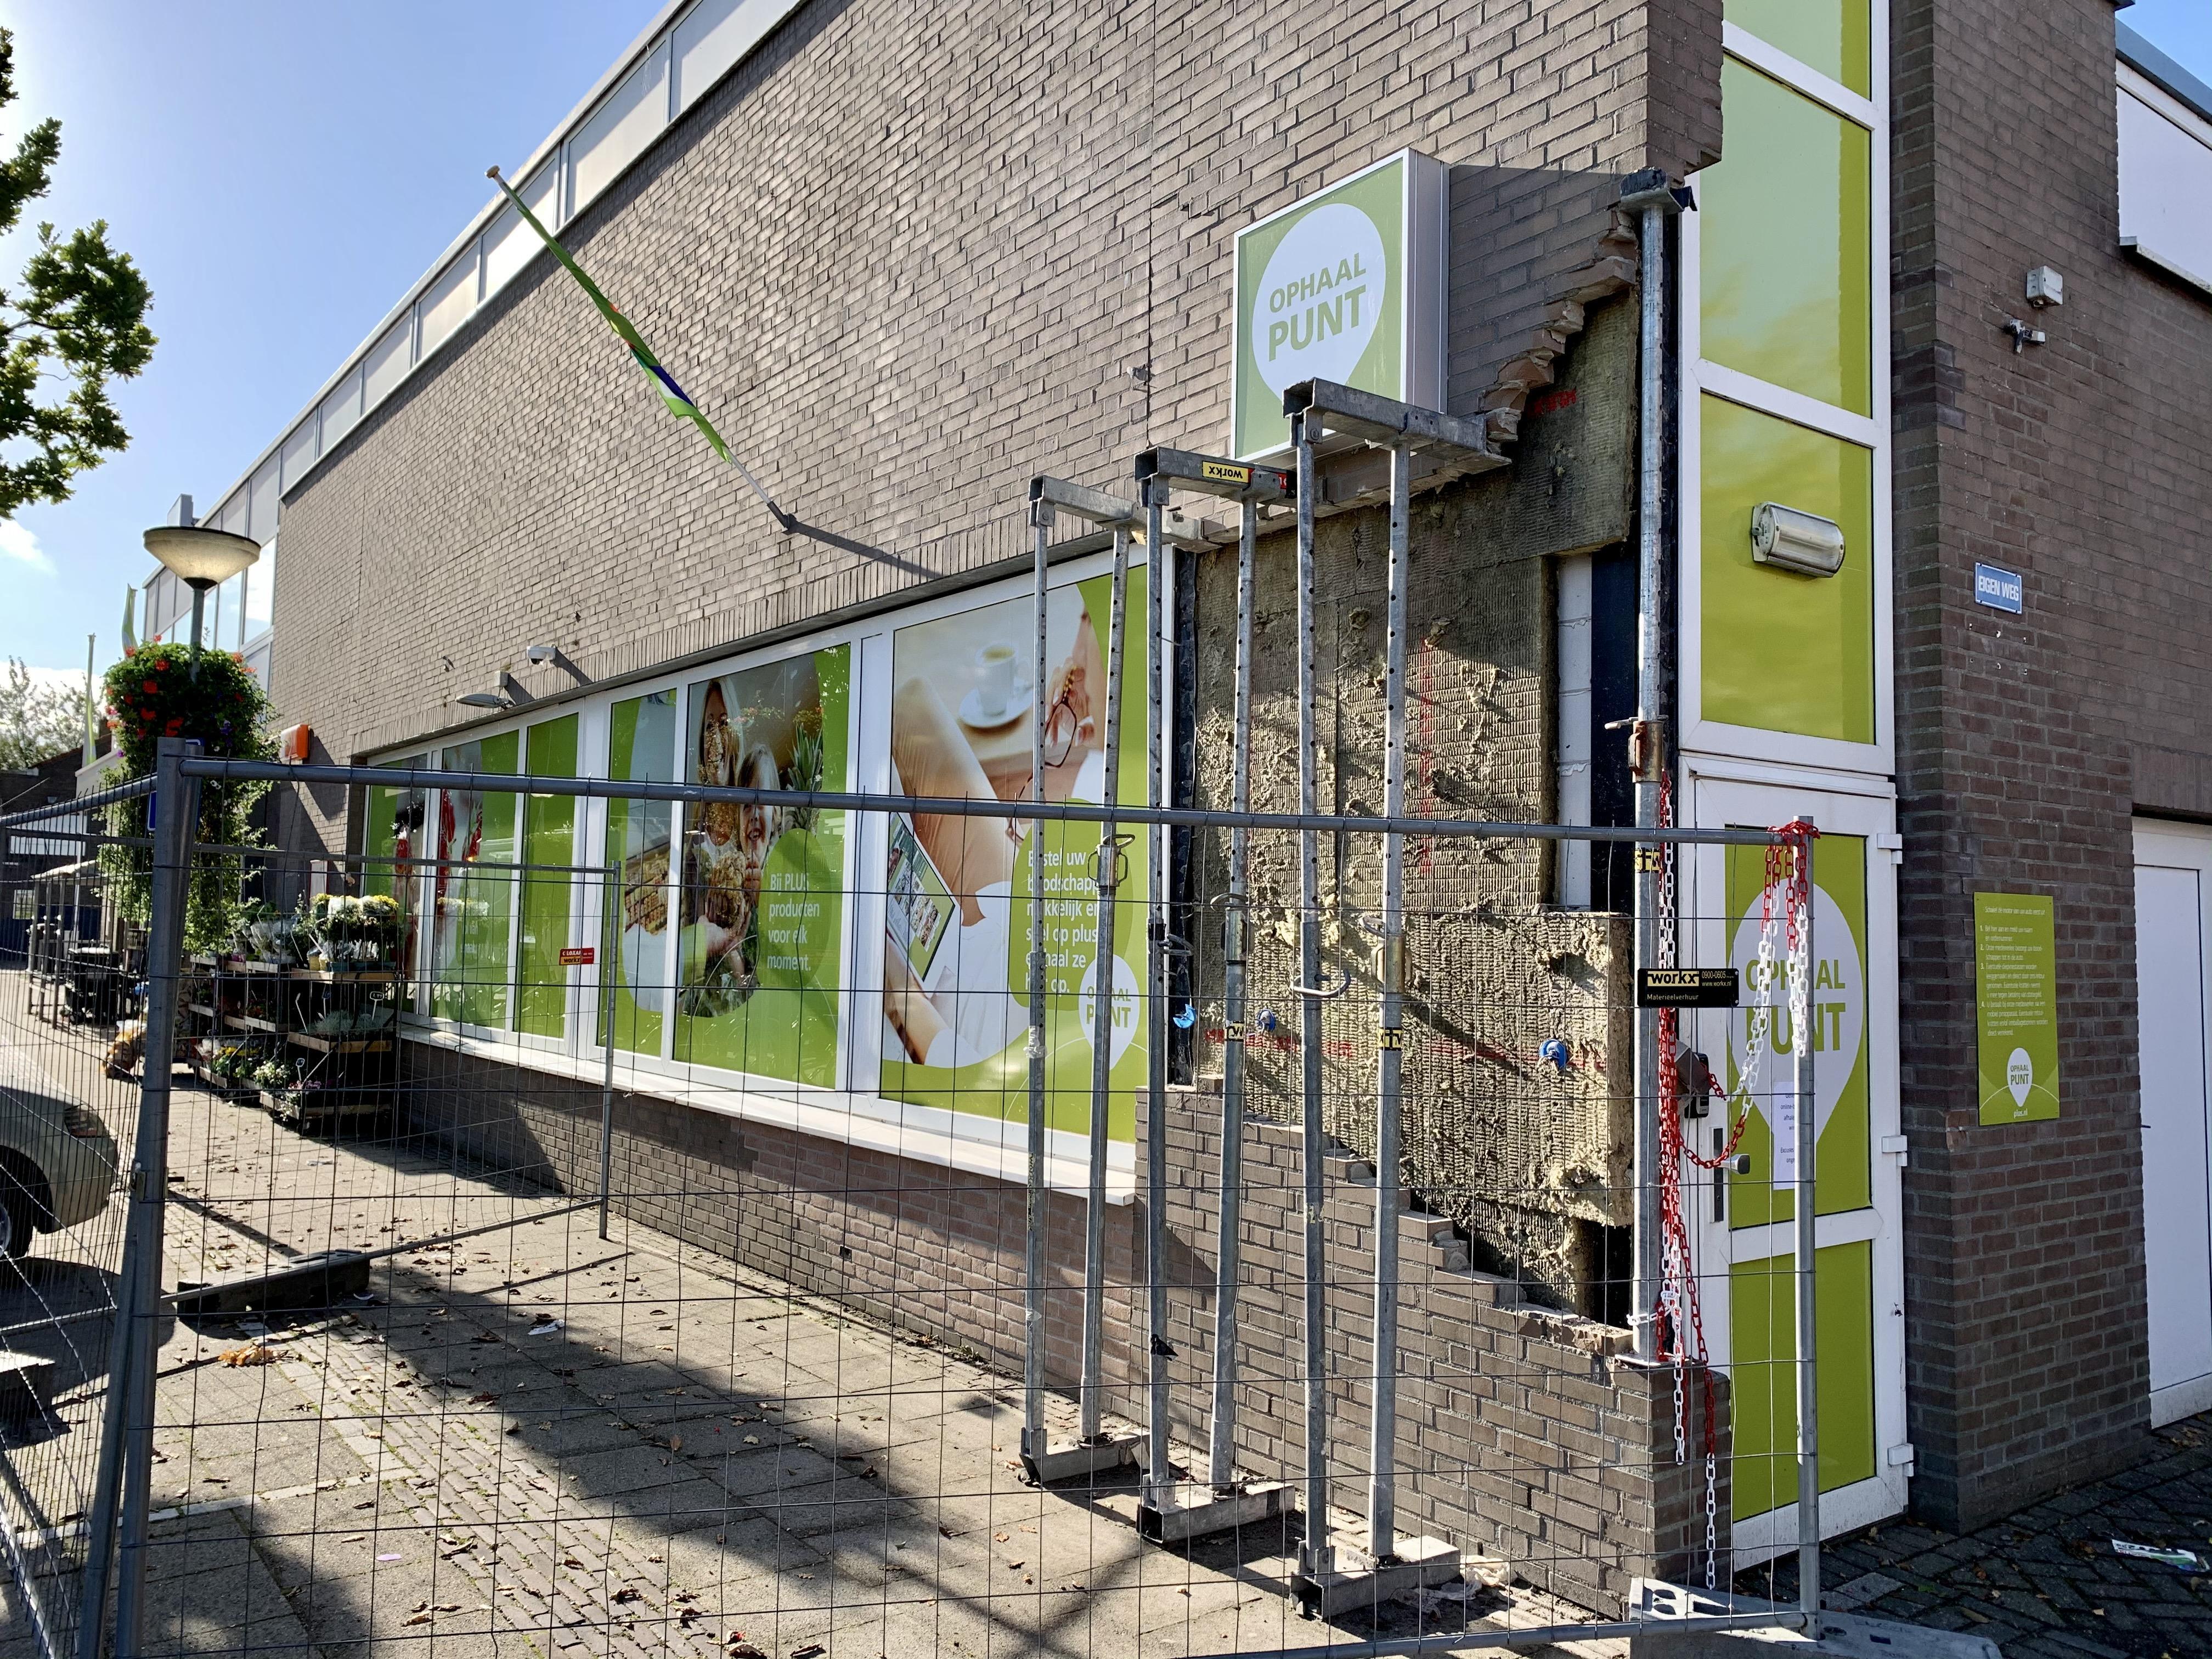 Vrachtwagen neemt stuk buitenmuur mee van supermarkt op Keverdijk; 'Er worden wel vaker inschattingsfouten gemaakt, maar nog nooit zo erg als nu'